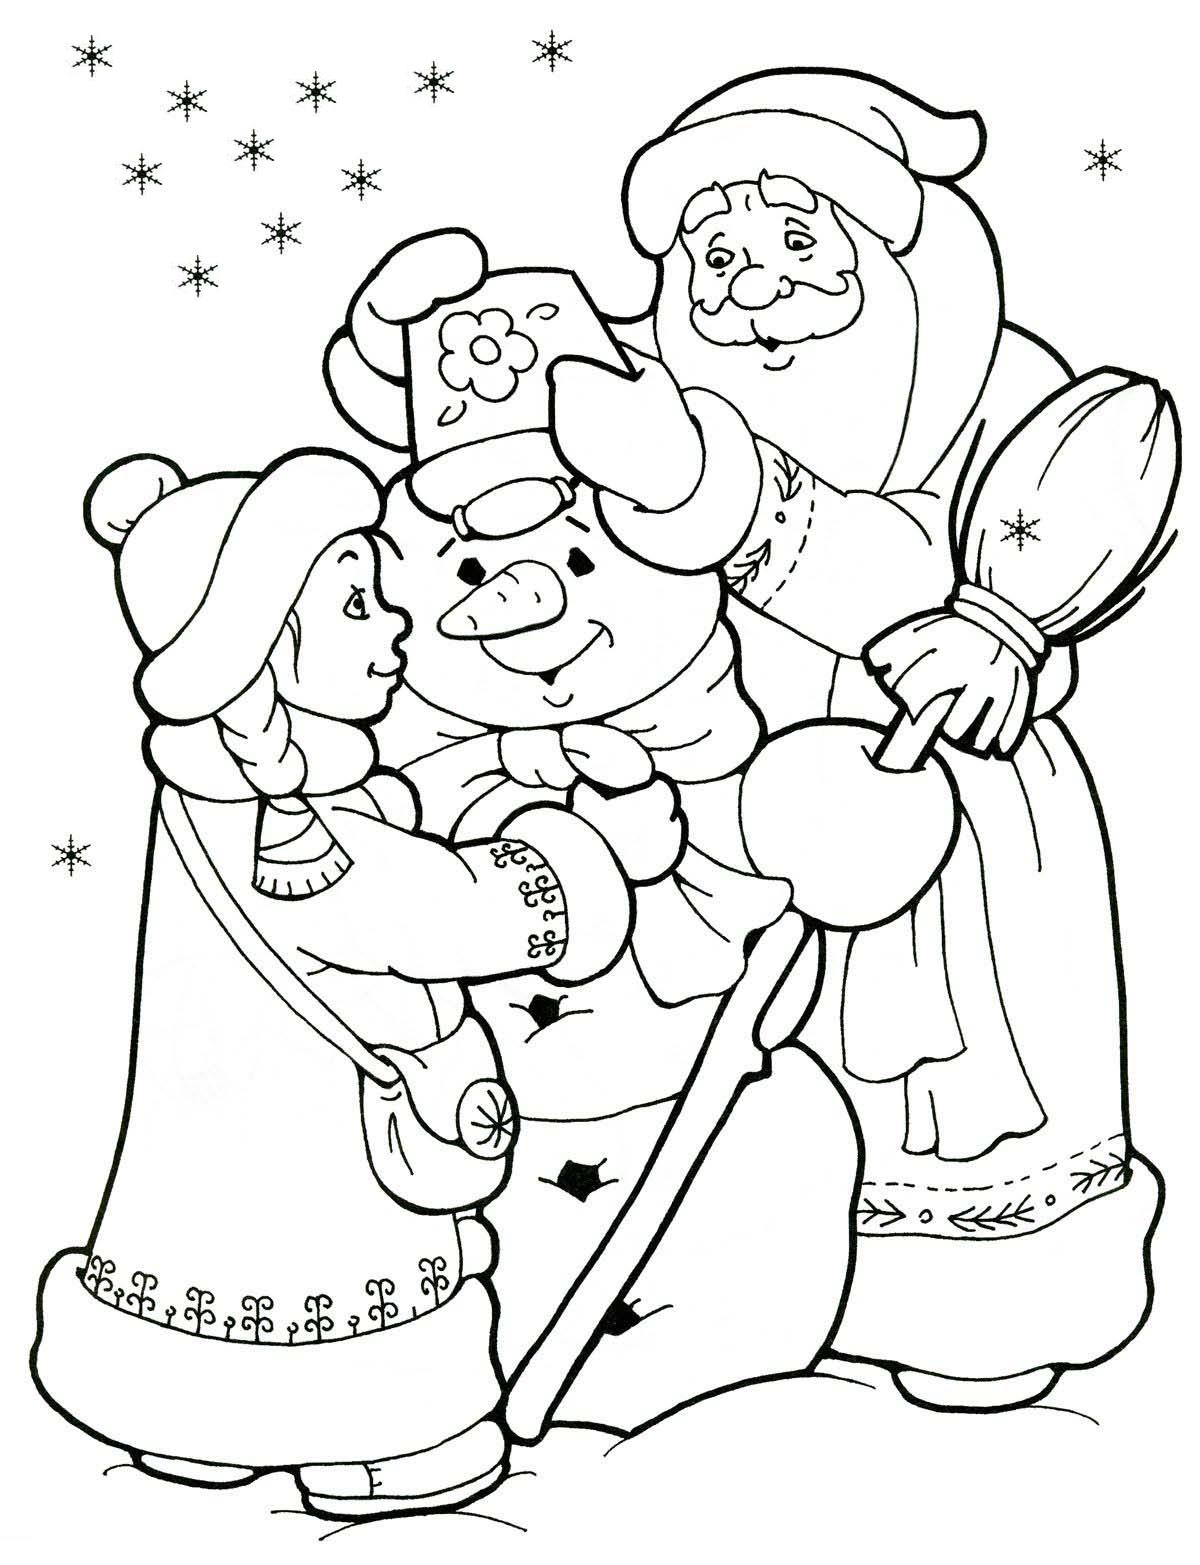 дед мороз и снегурочка и снеговик